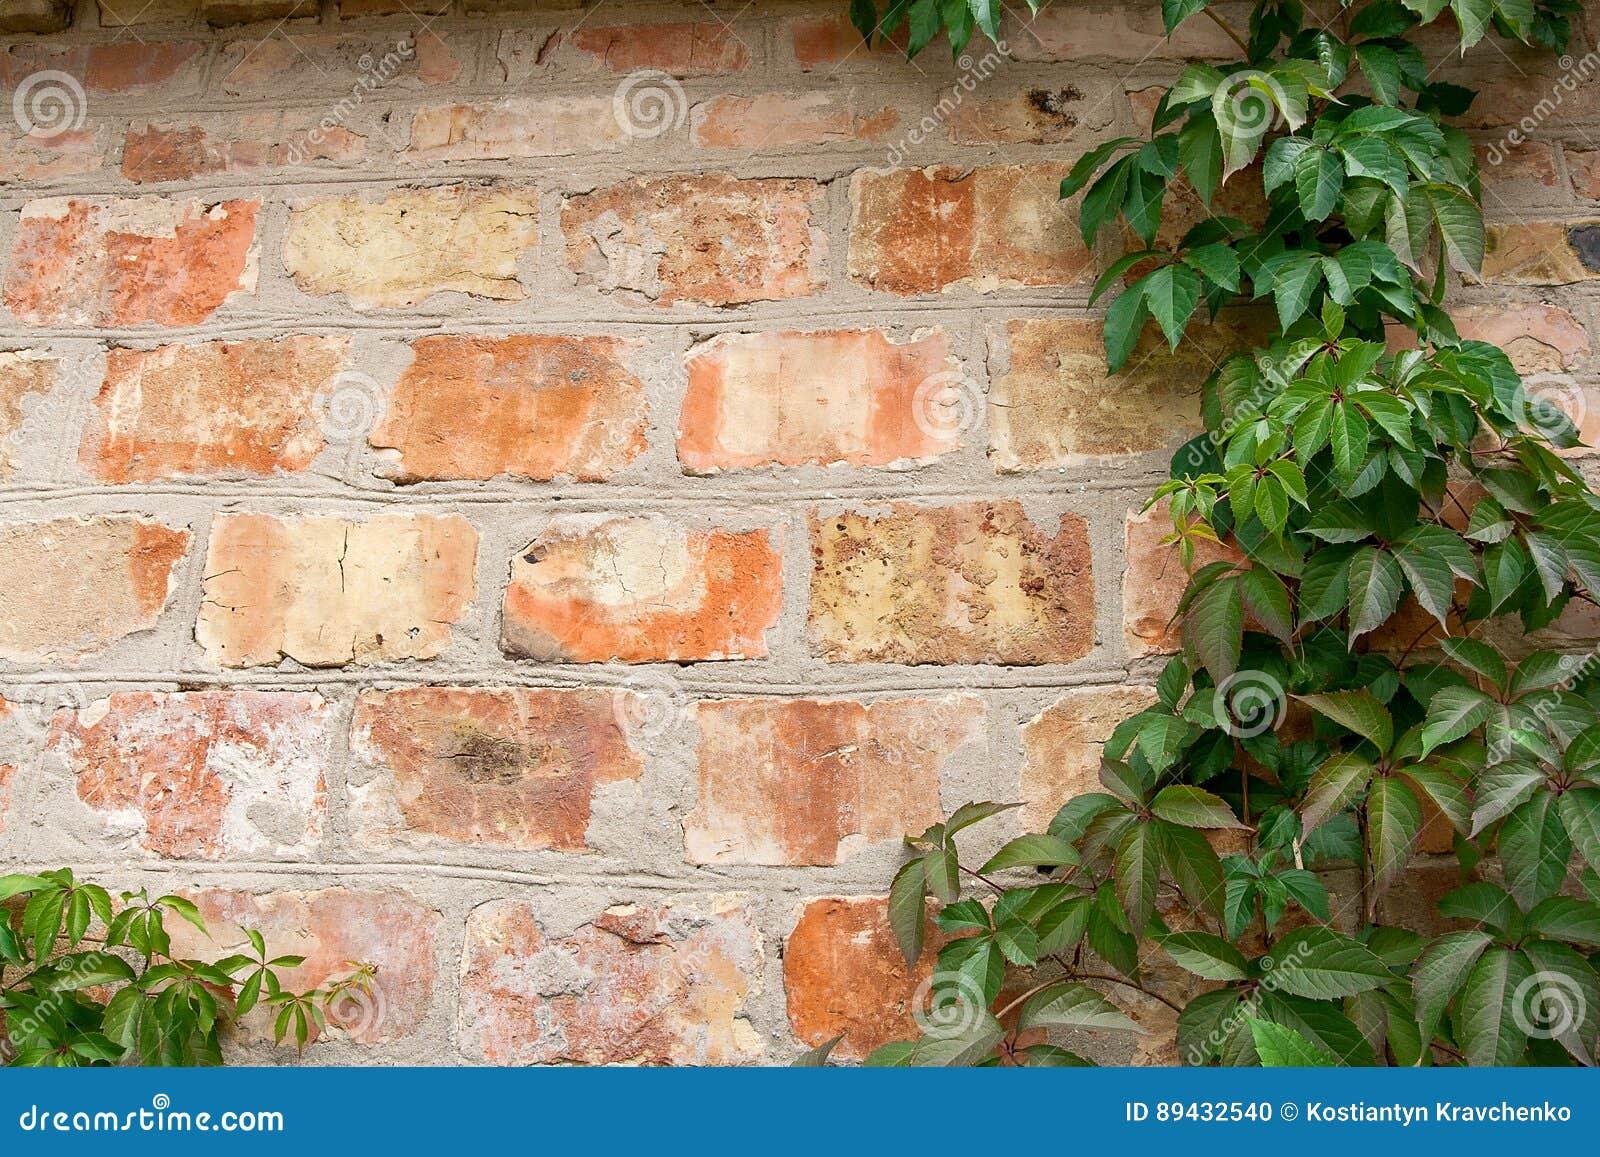 Bakstenen Muur Tuin : Tuin wilde druiven met de herfstbladeren op een bakstenen muur stock